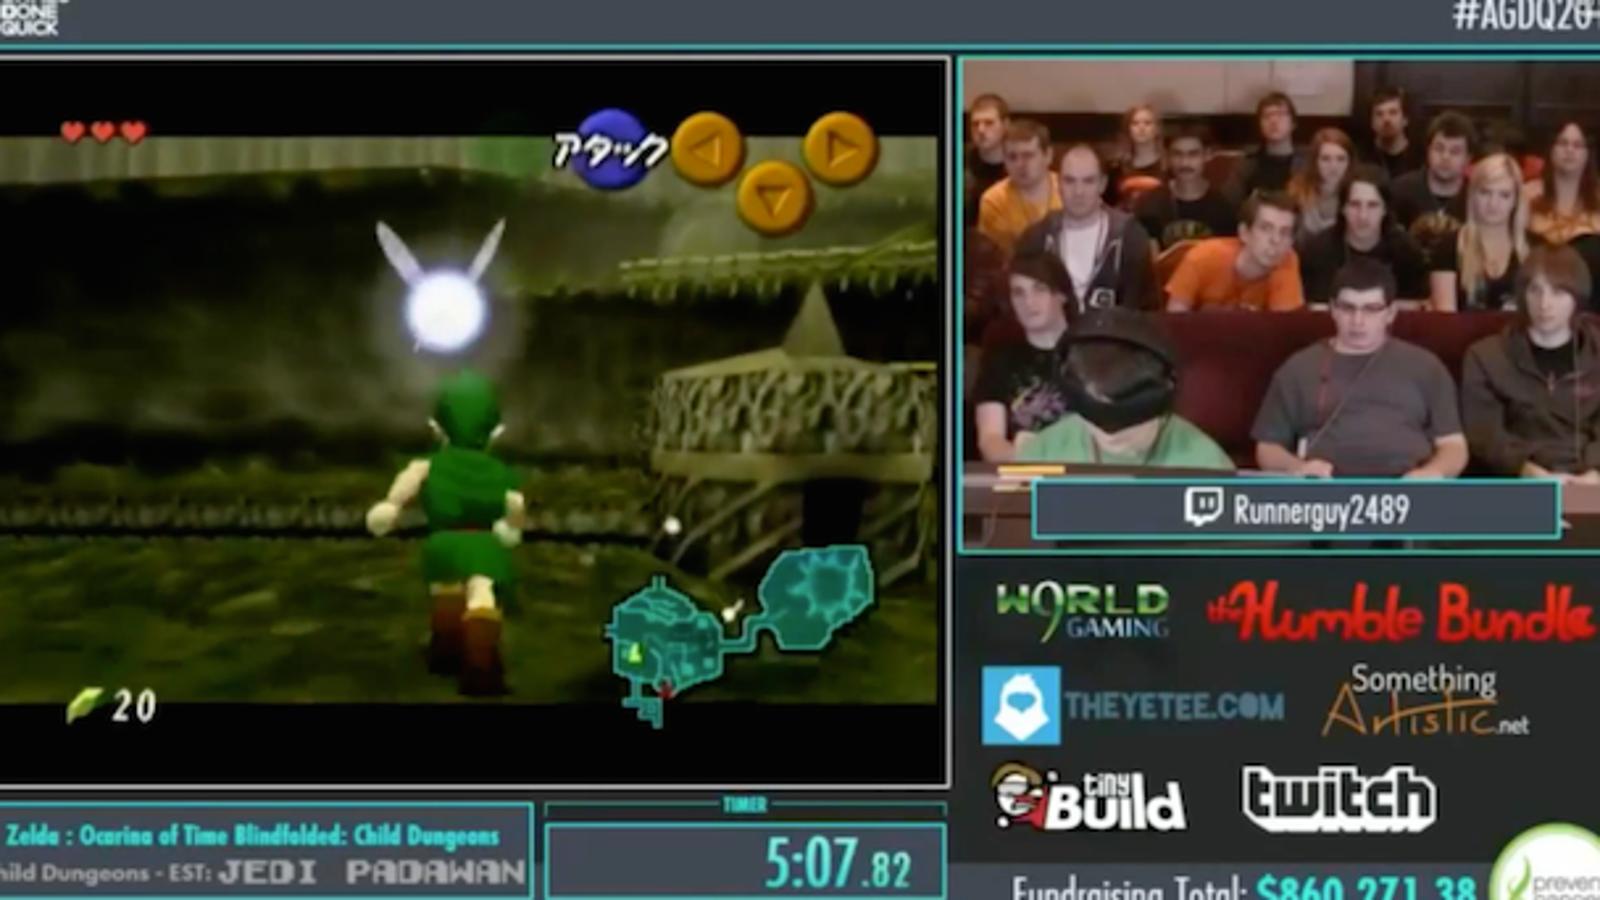 Mira cómo completan parte de Zelda Ocarina of Time con los ojos vendados